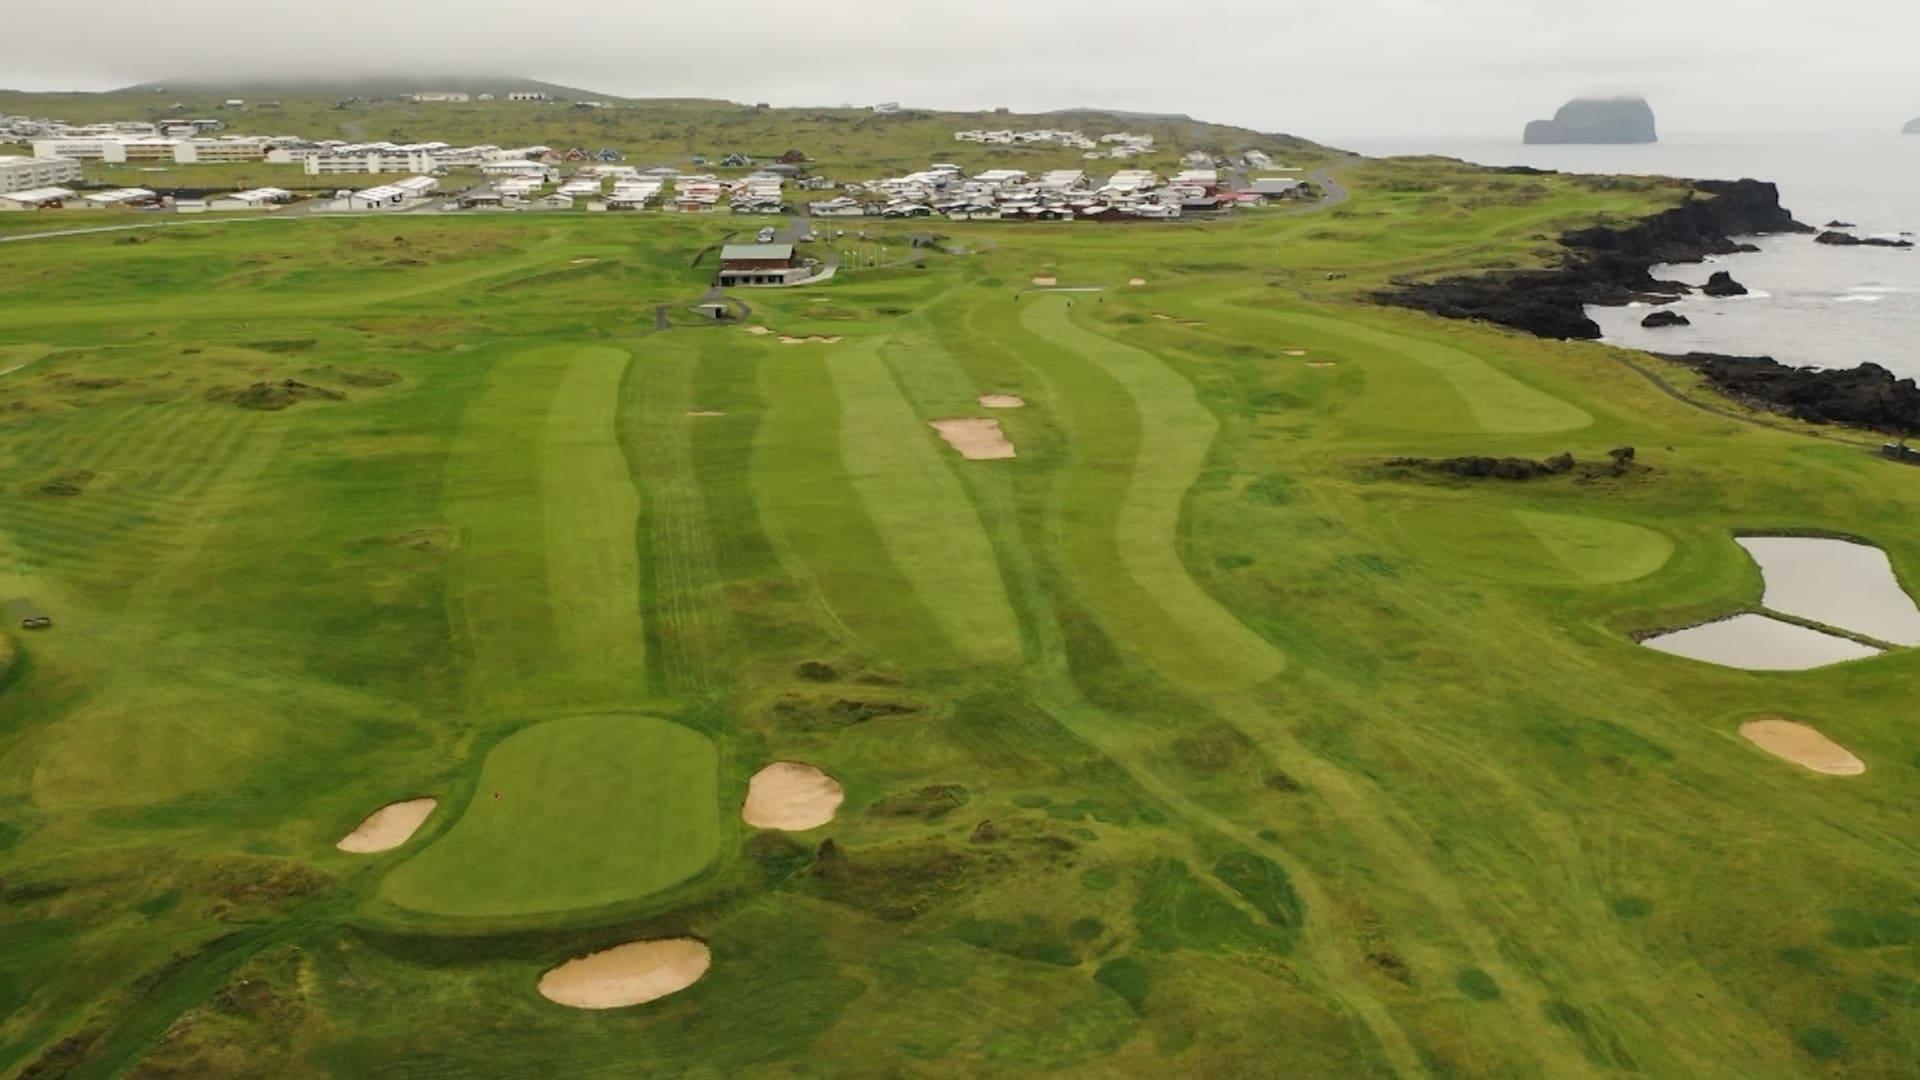 فوق بركان خامد بإحدى جزر أيسلندا.. تجربة للعب الغولف ليس لها مثيل حول العالم thumbnail